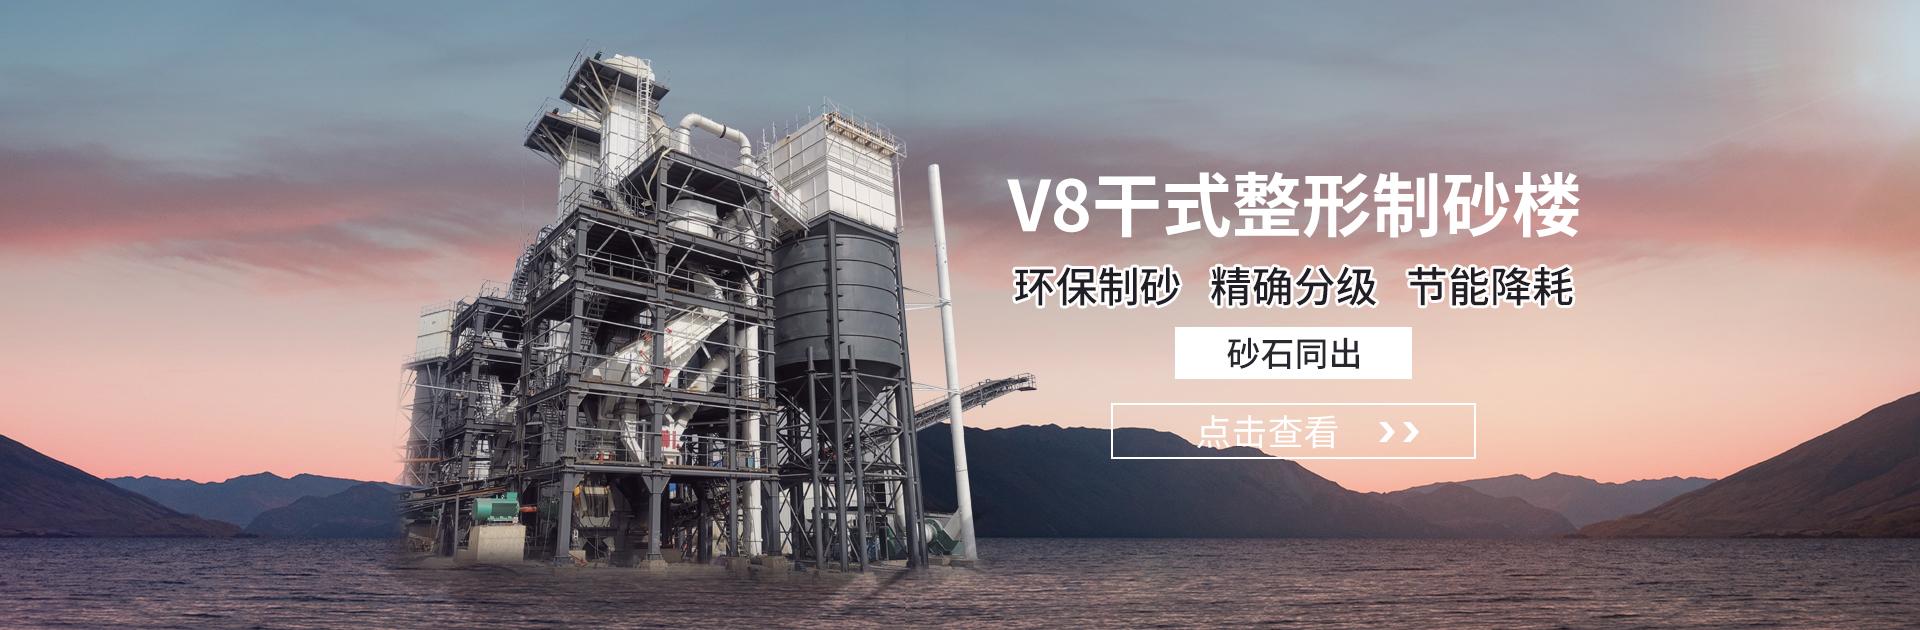 banner-v8